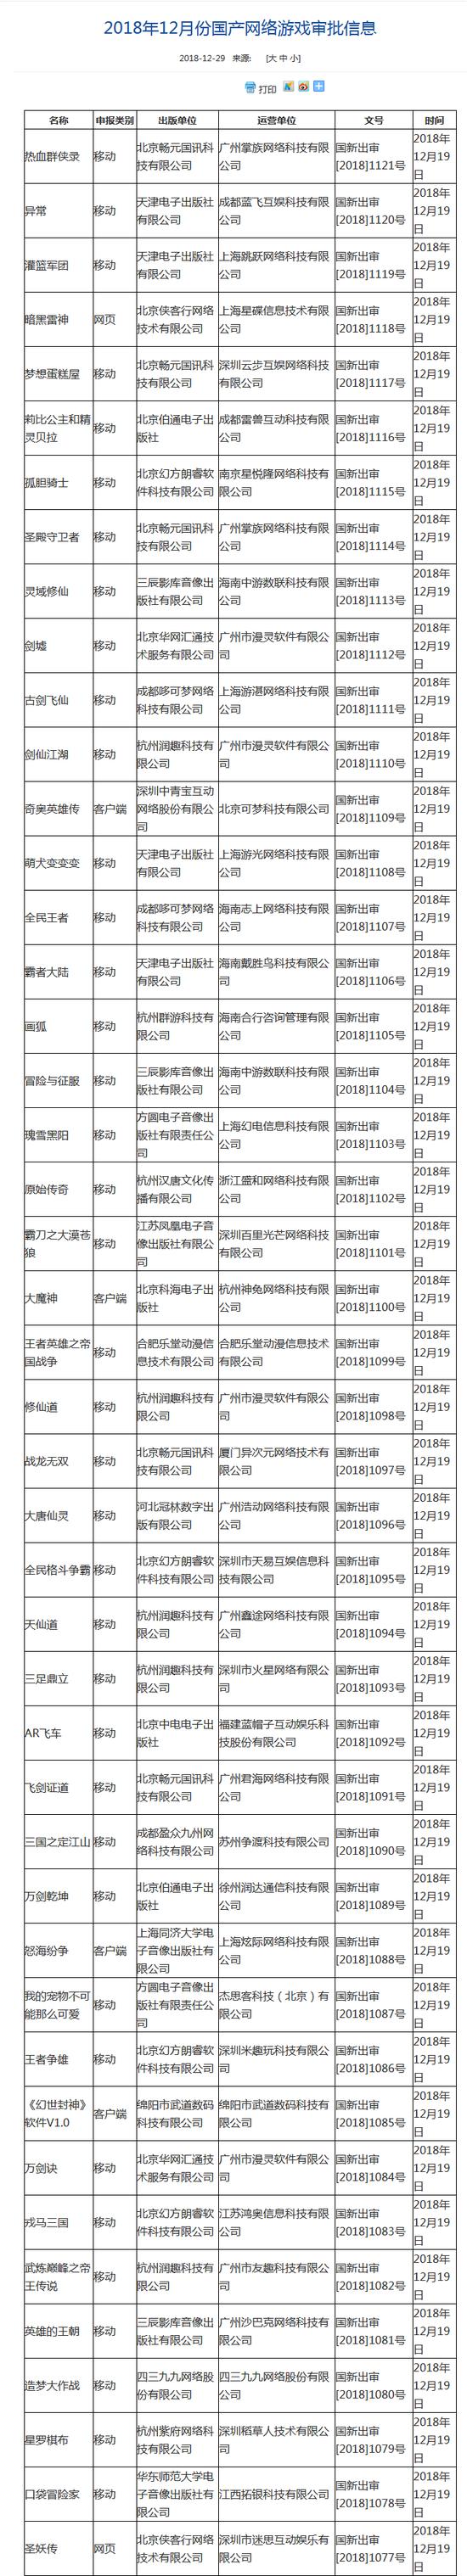 广电总局:网络游戏审批正式解冻 首批过审不见腾讯